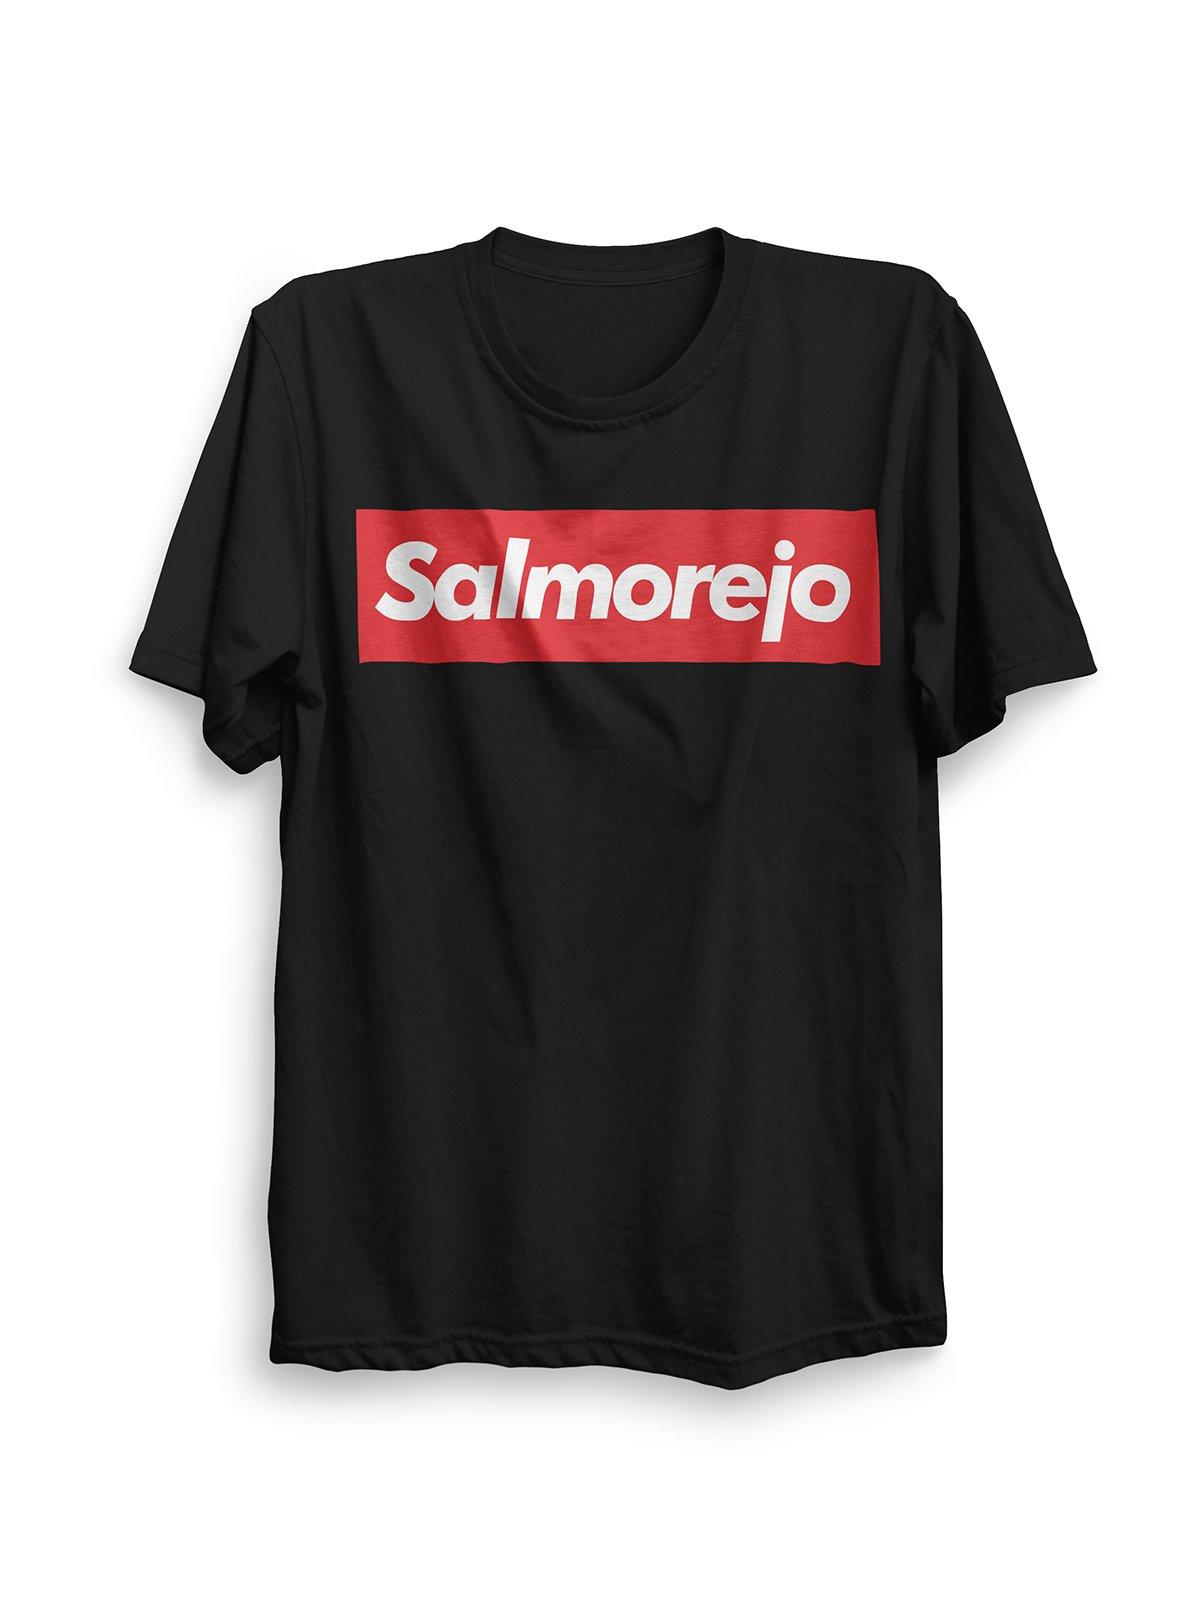 Image of Salmorejo